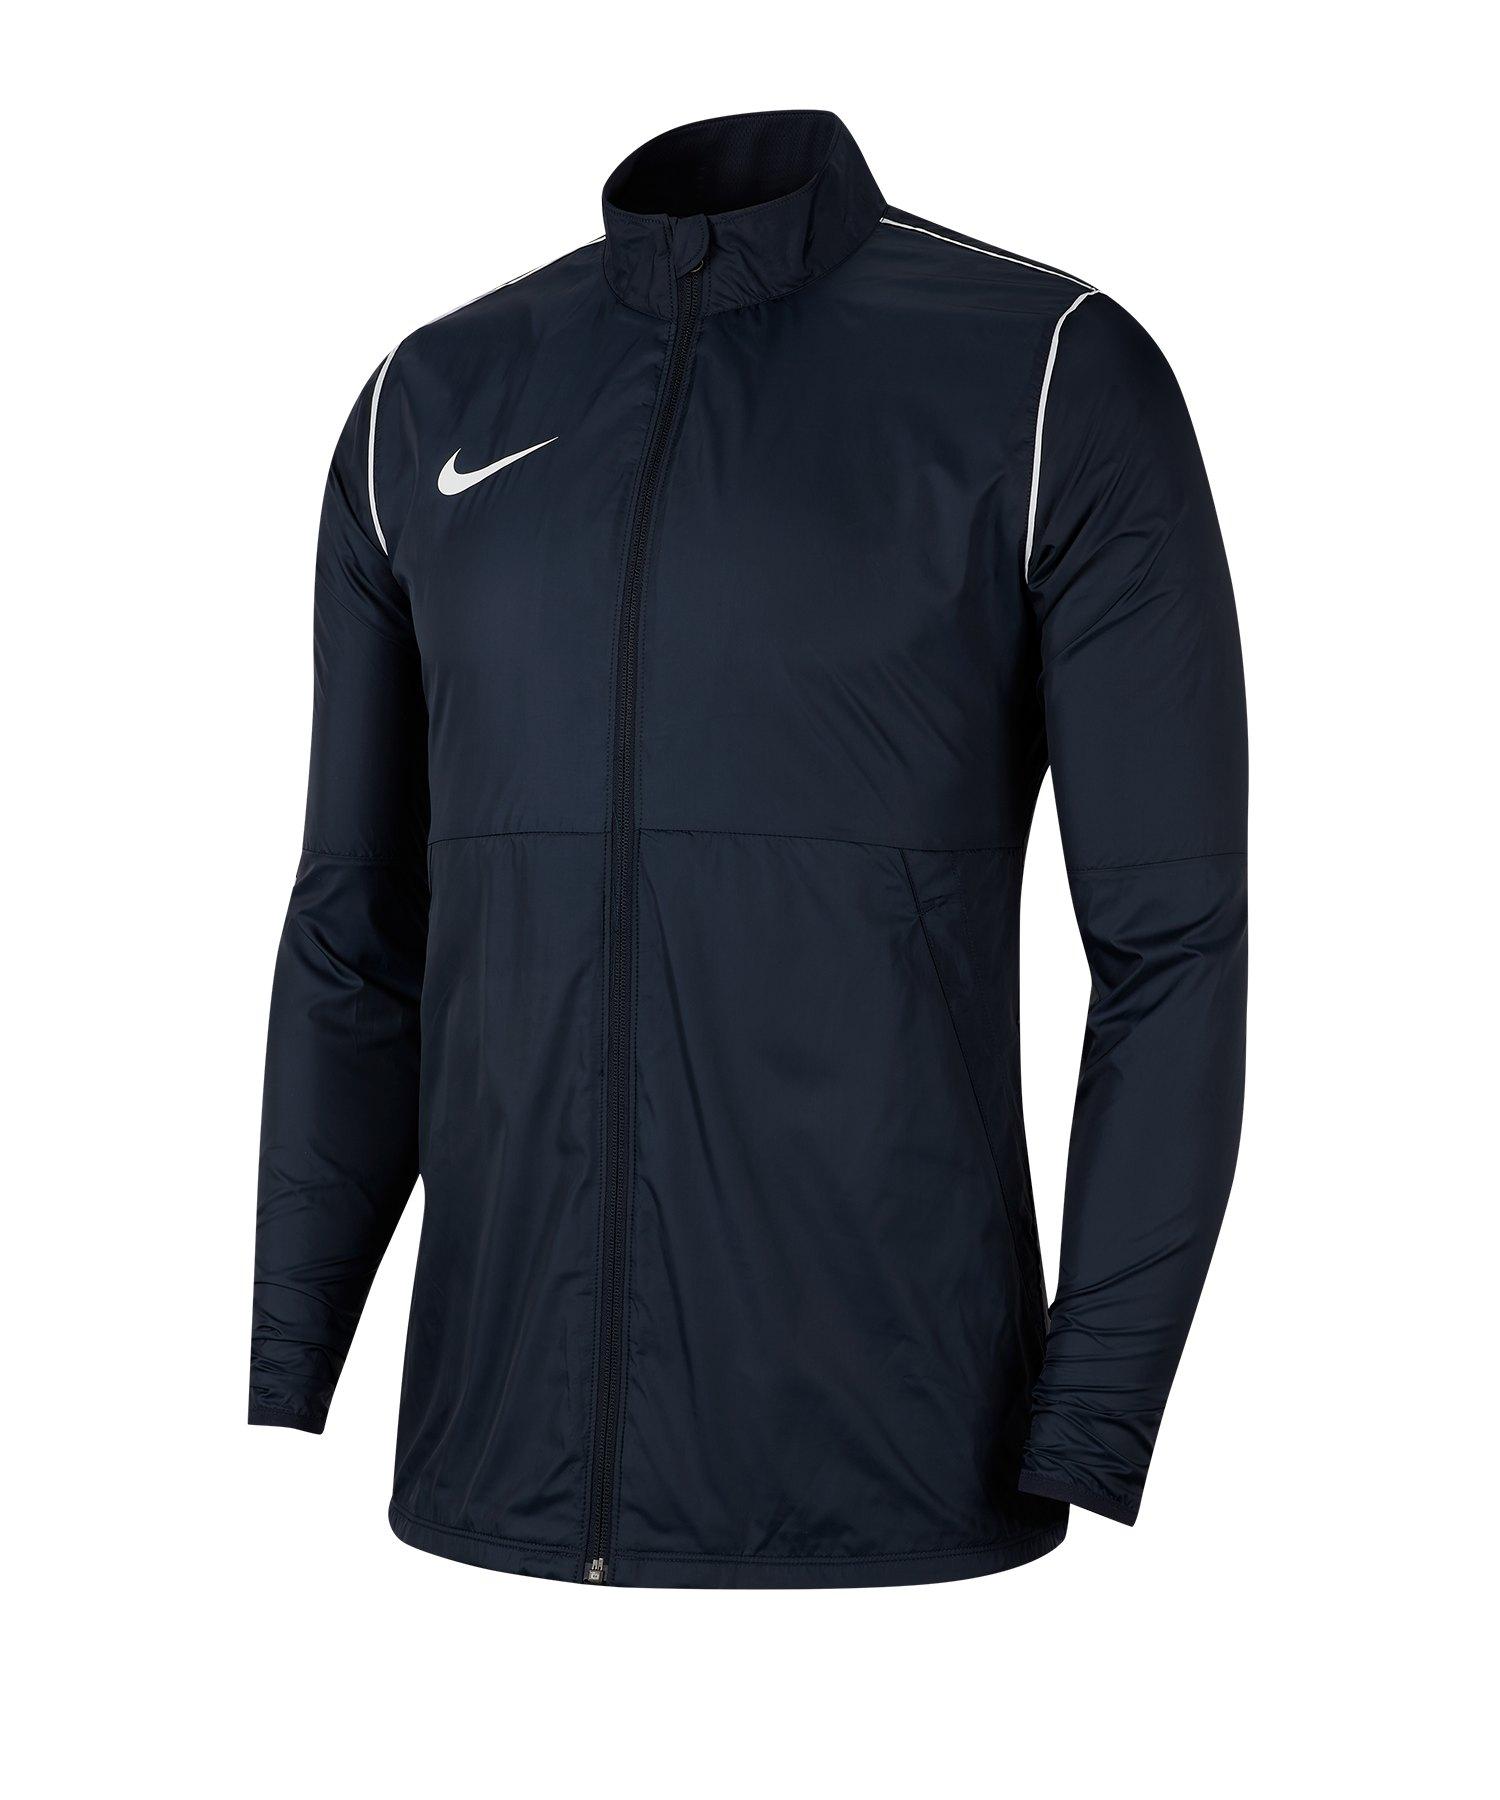 Regenjacke Nike